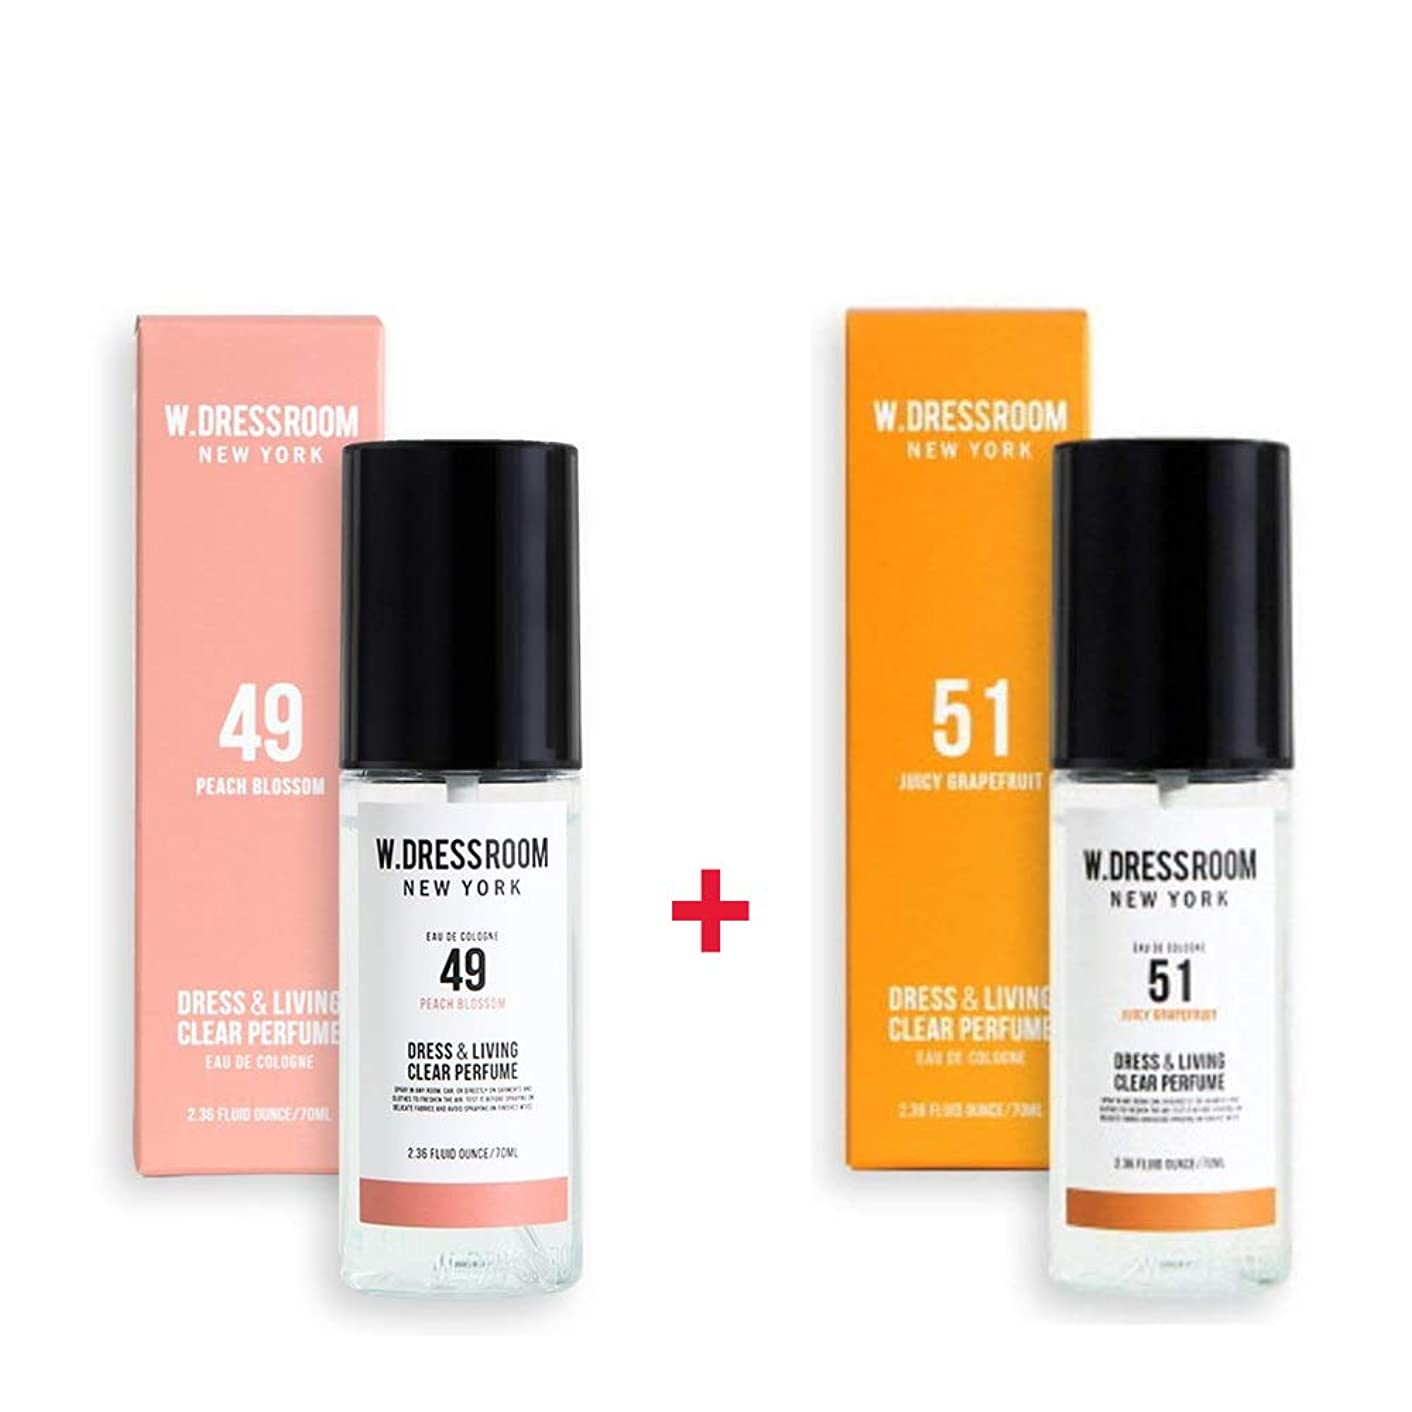 貫通するチャンス旅行W.DRESSROOM Dress & Living Clear Perfume 70ml (No 49 Peach Blossom)+(No 51 Juicy Grapefruit)